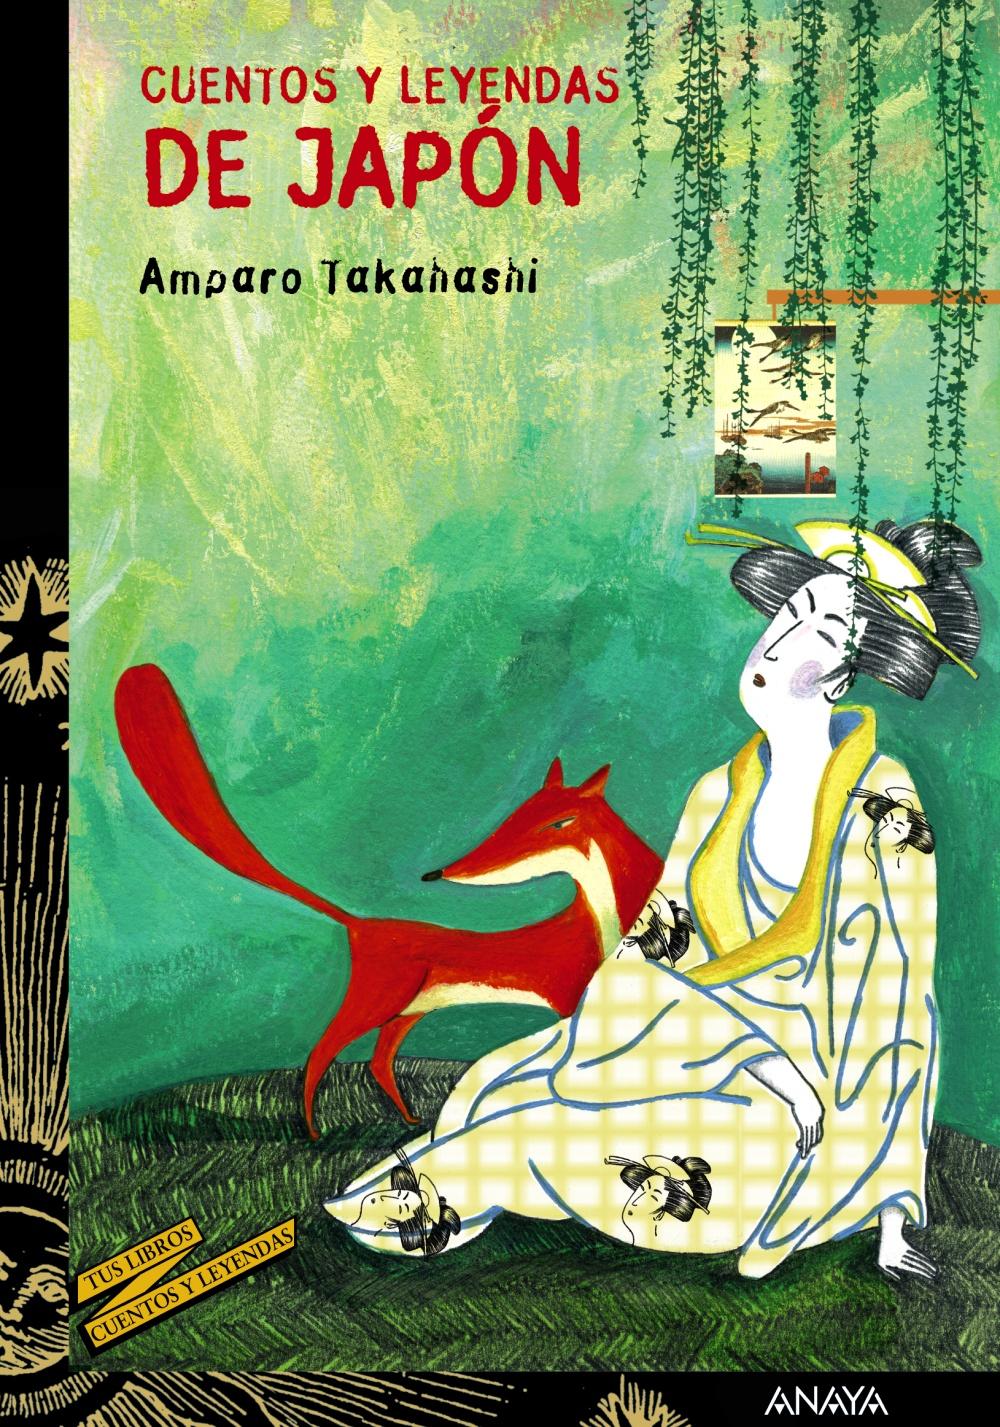 Cuentos Y Leyendas De Japon Amparo Takahashi